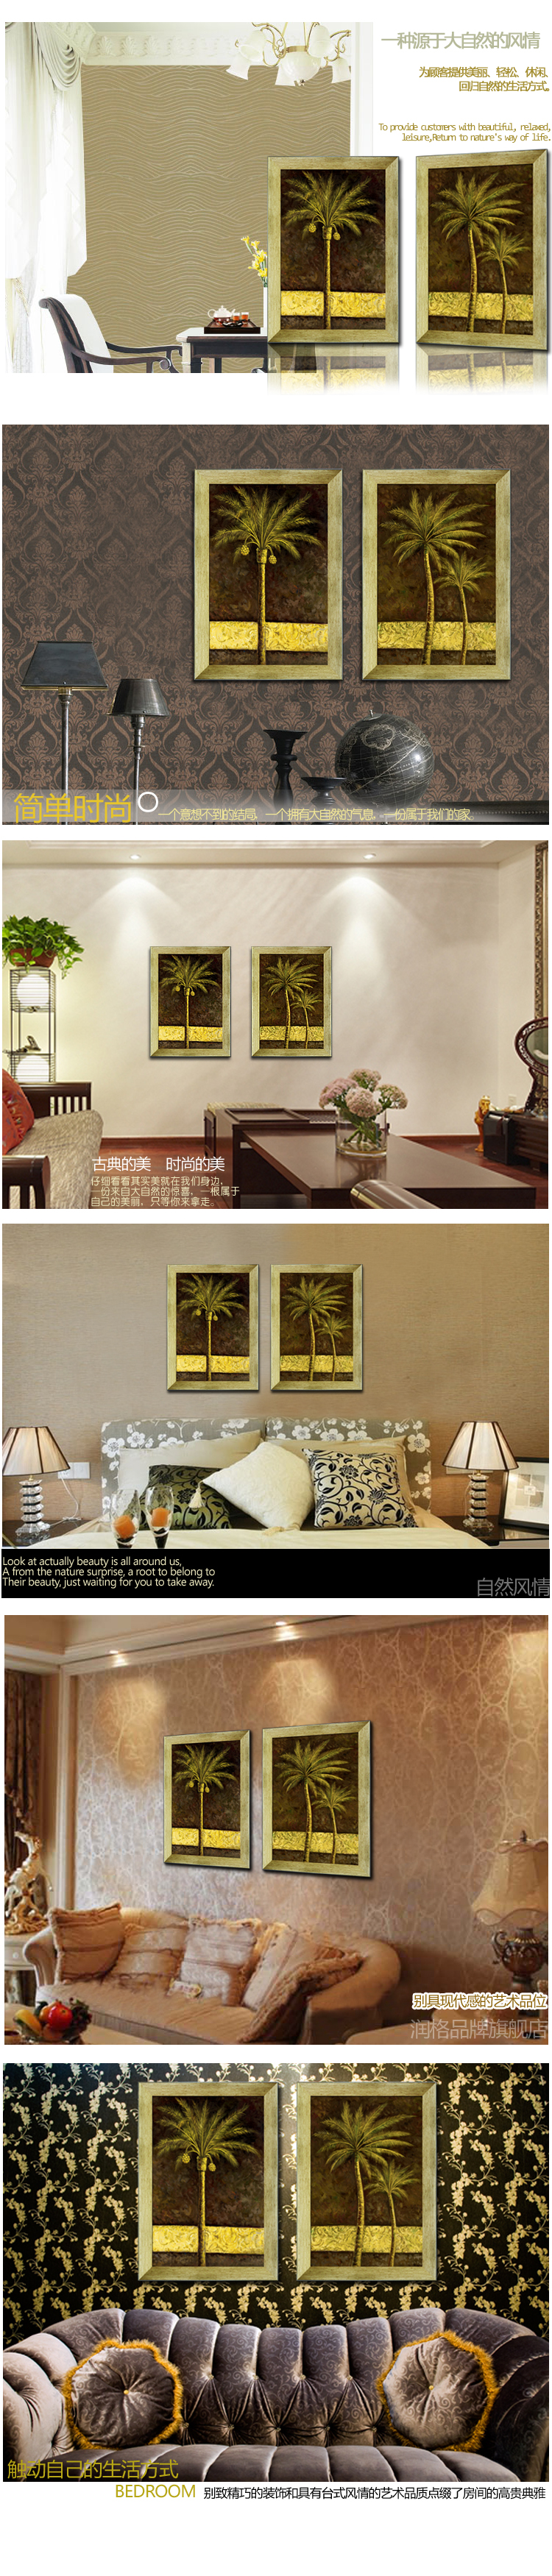 欧式有框画 现代客厅装饰画